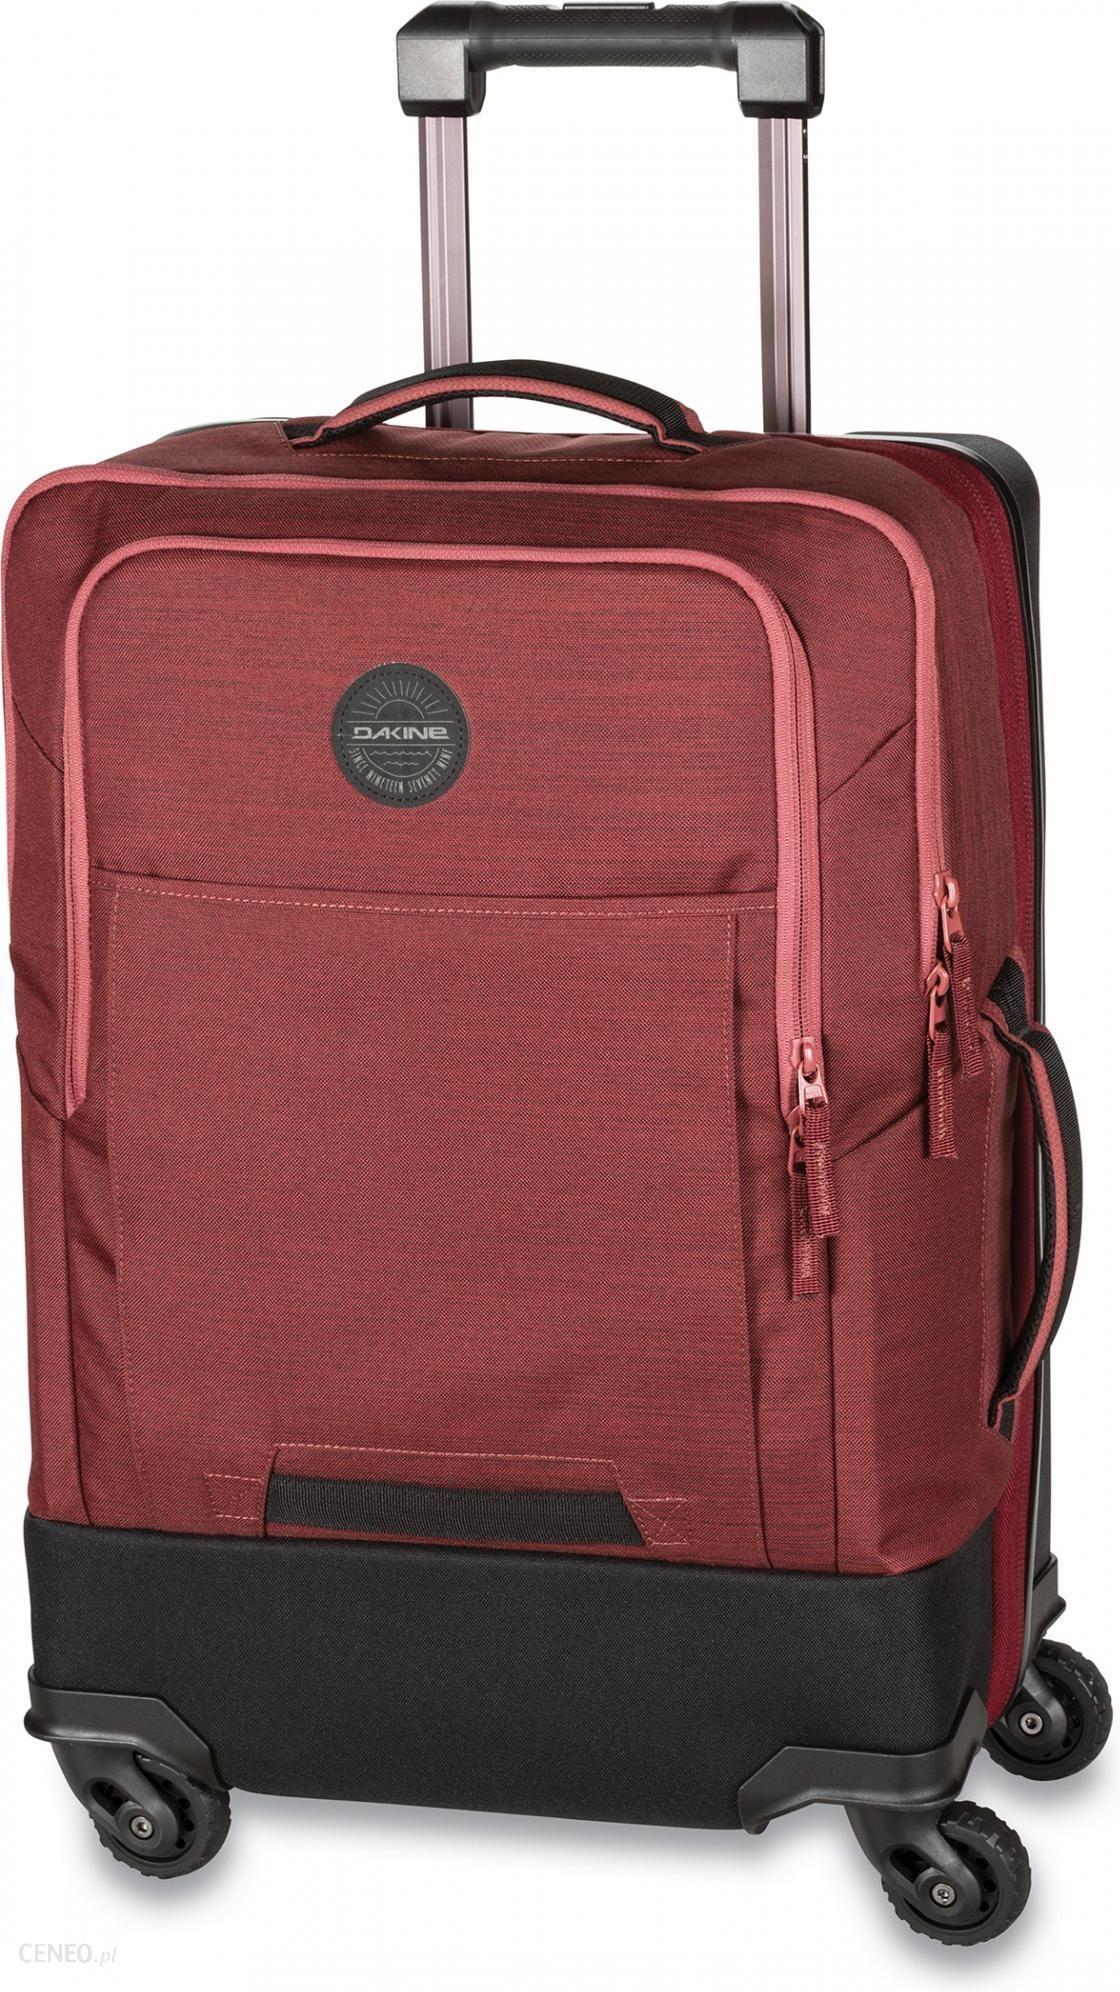 bd81304d914e1 Dakine walizka Terminal Spinner 40 l Burnt Rose, BEZPŁATNY ODBIÓR: WROCŁAW!  - zdjęcie